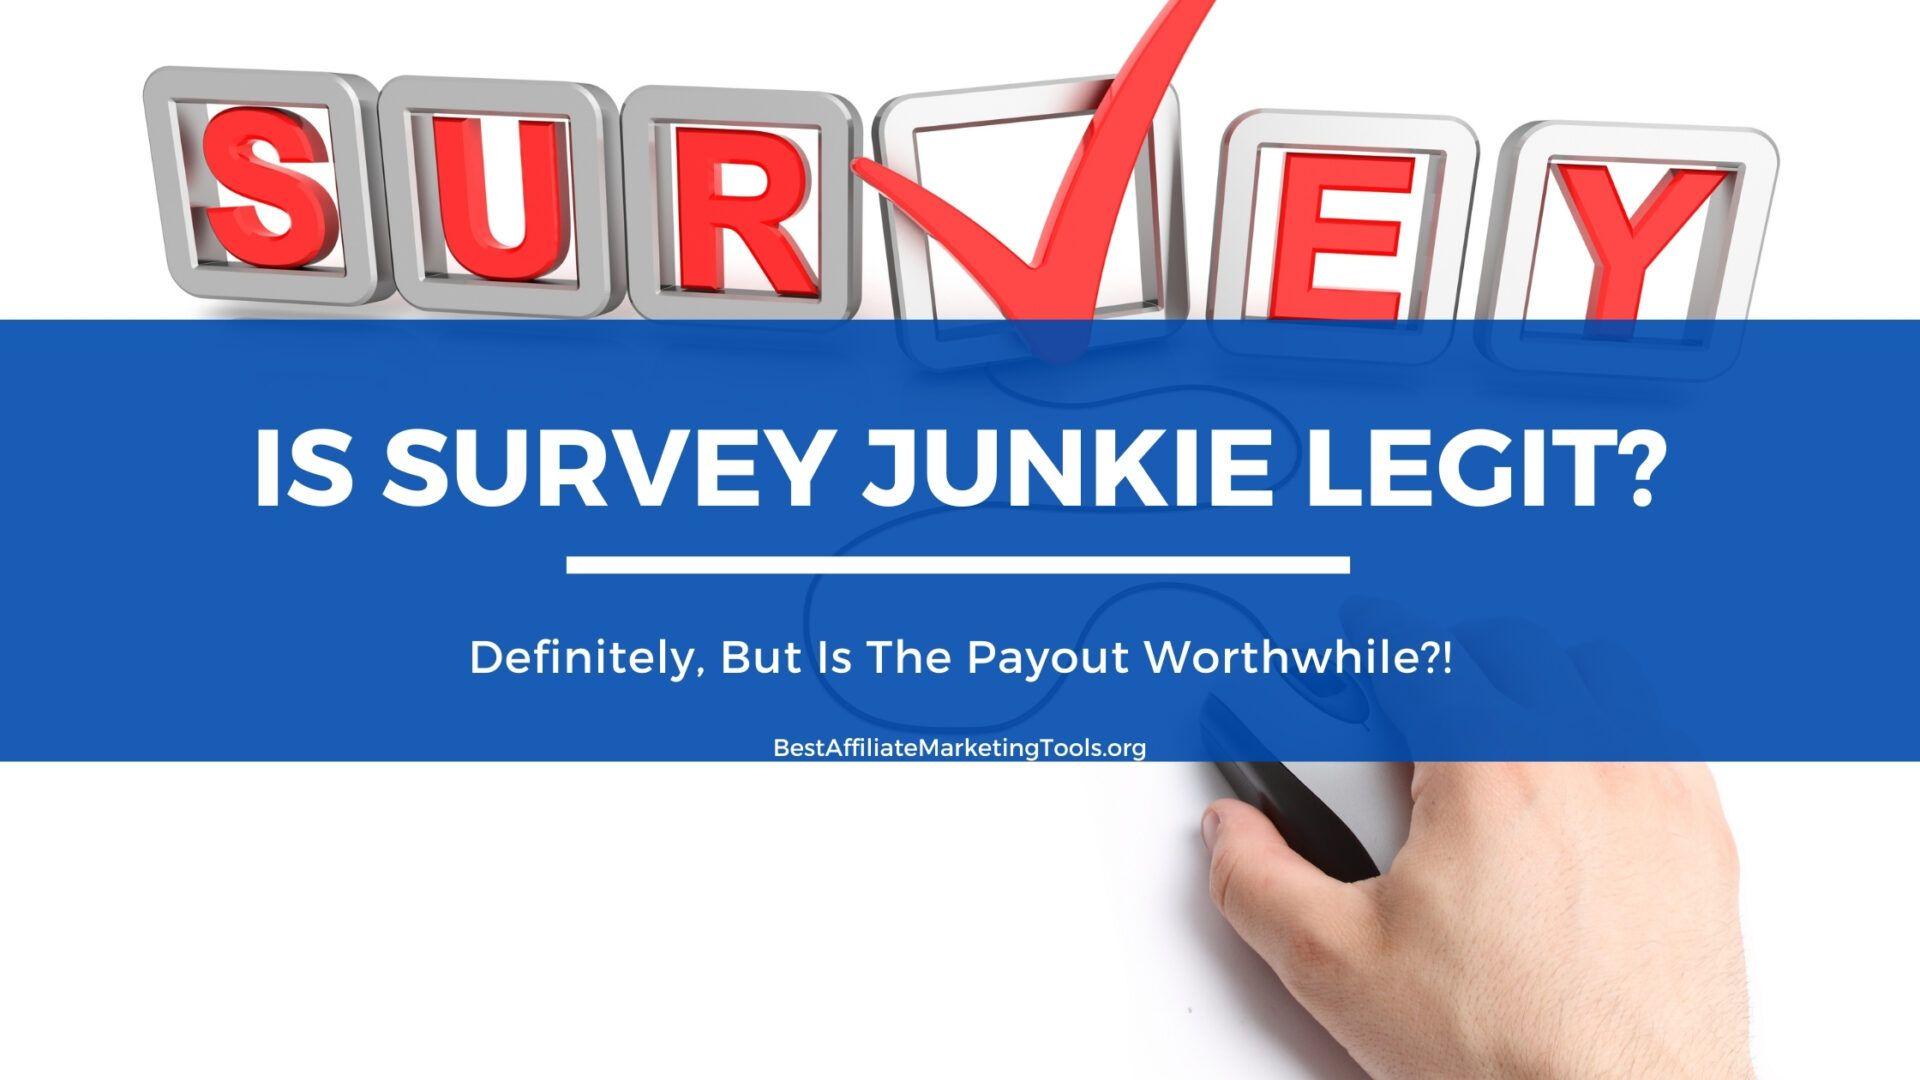 Is Survey Junkie Legit